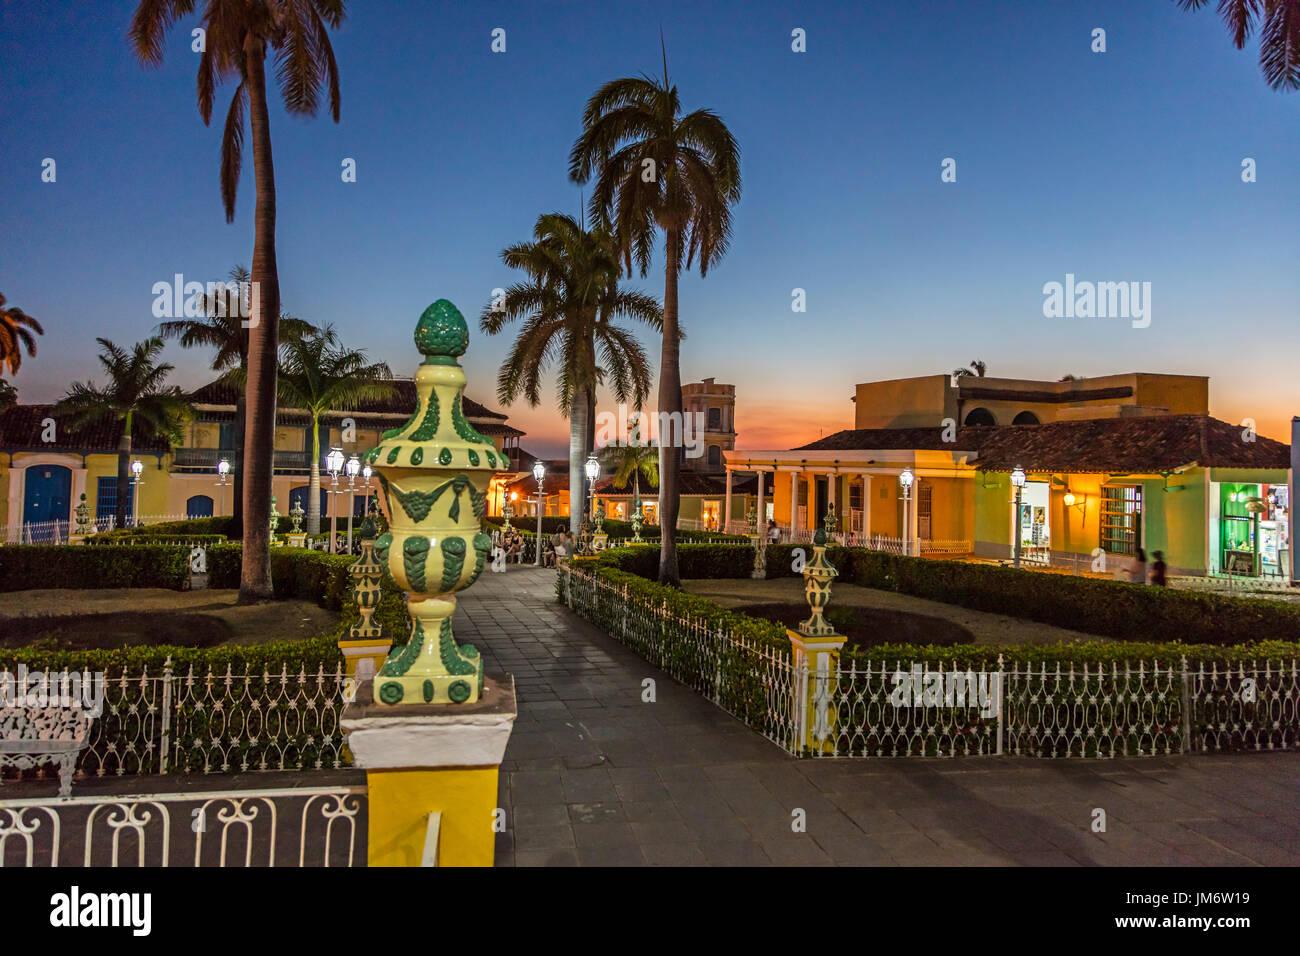 Palmiers et de bâtiments historiques sur la Plaza Mayor au crépuscule - Trinidad, Cuba Photo Stock